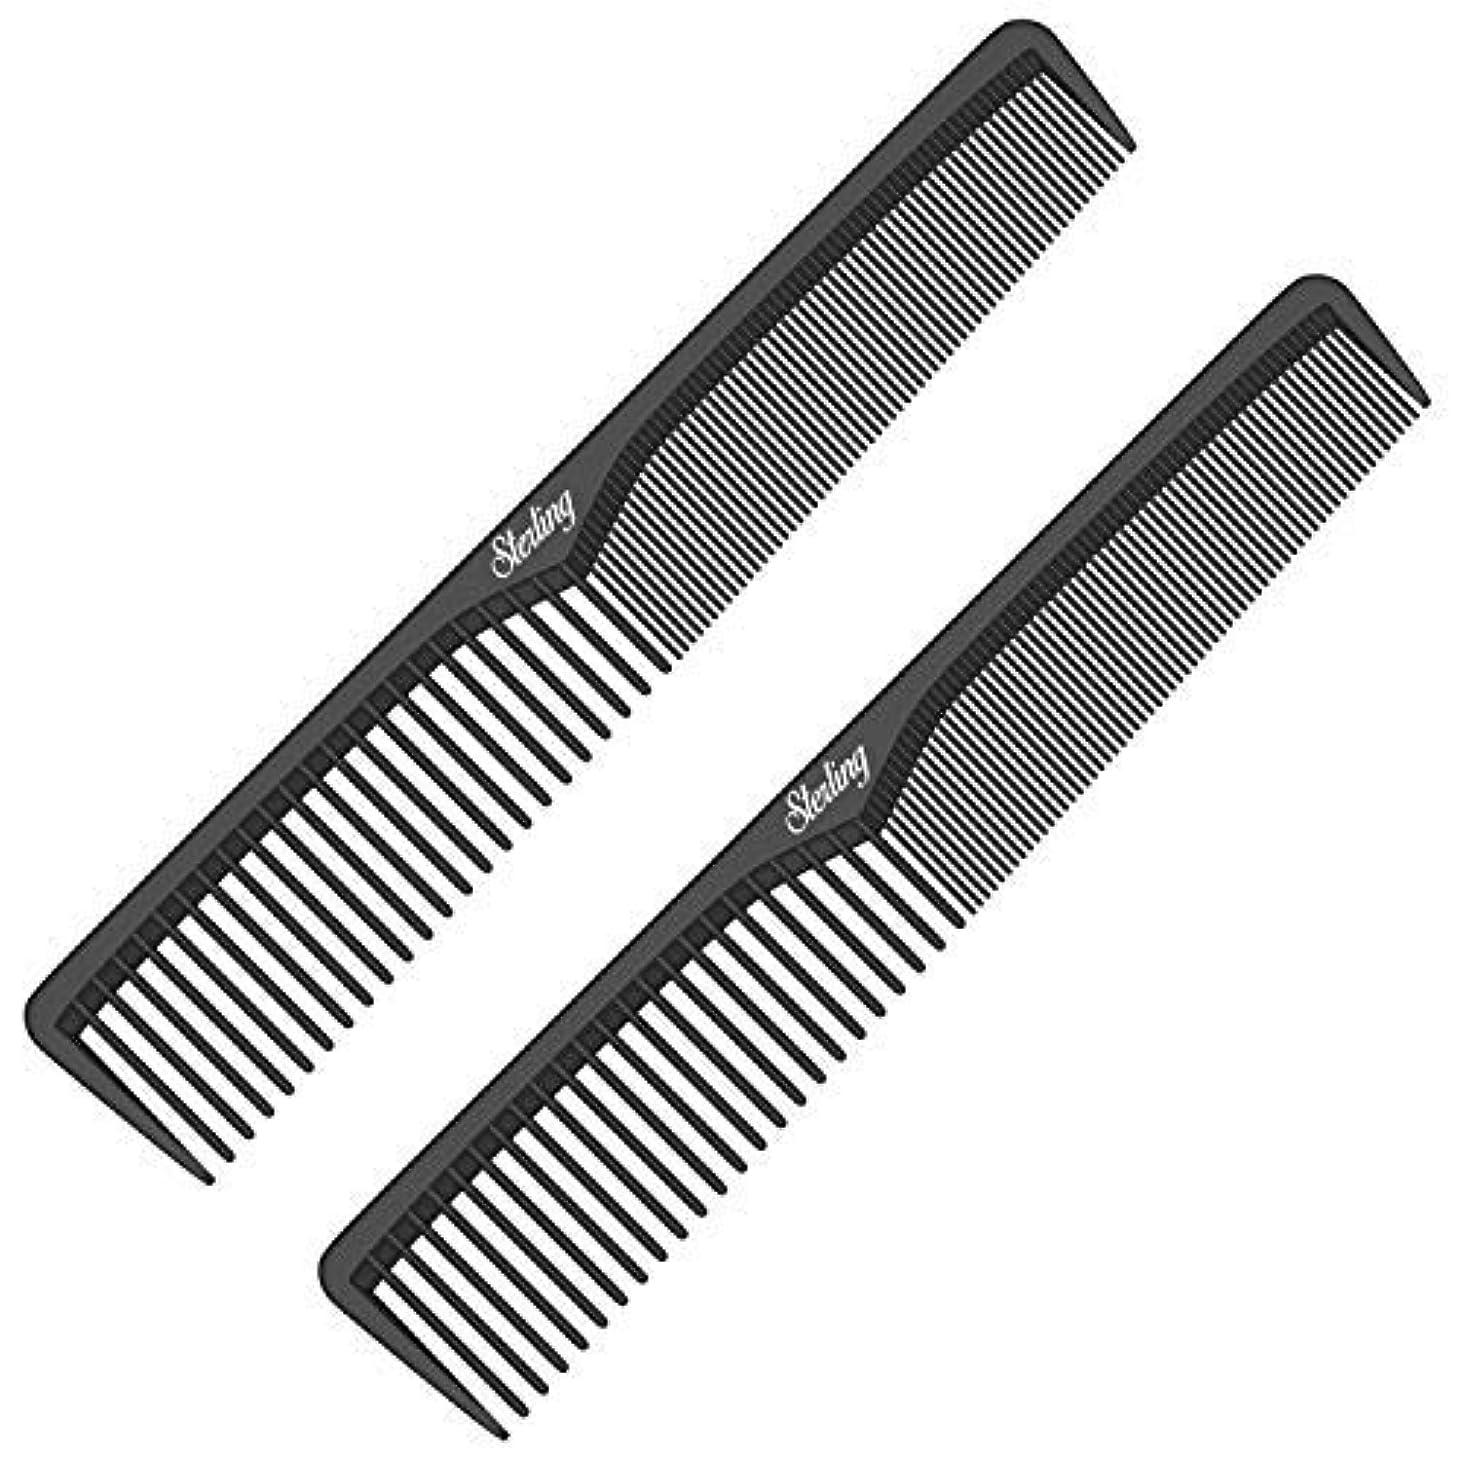 弱い杖愛人Styling Comb (2 Pack) | Professional 7  Black Carbon Fiber Anti Static Chemical And Heat Resistant Combs For All...